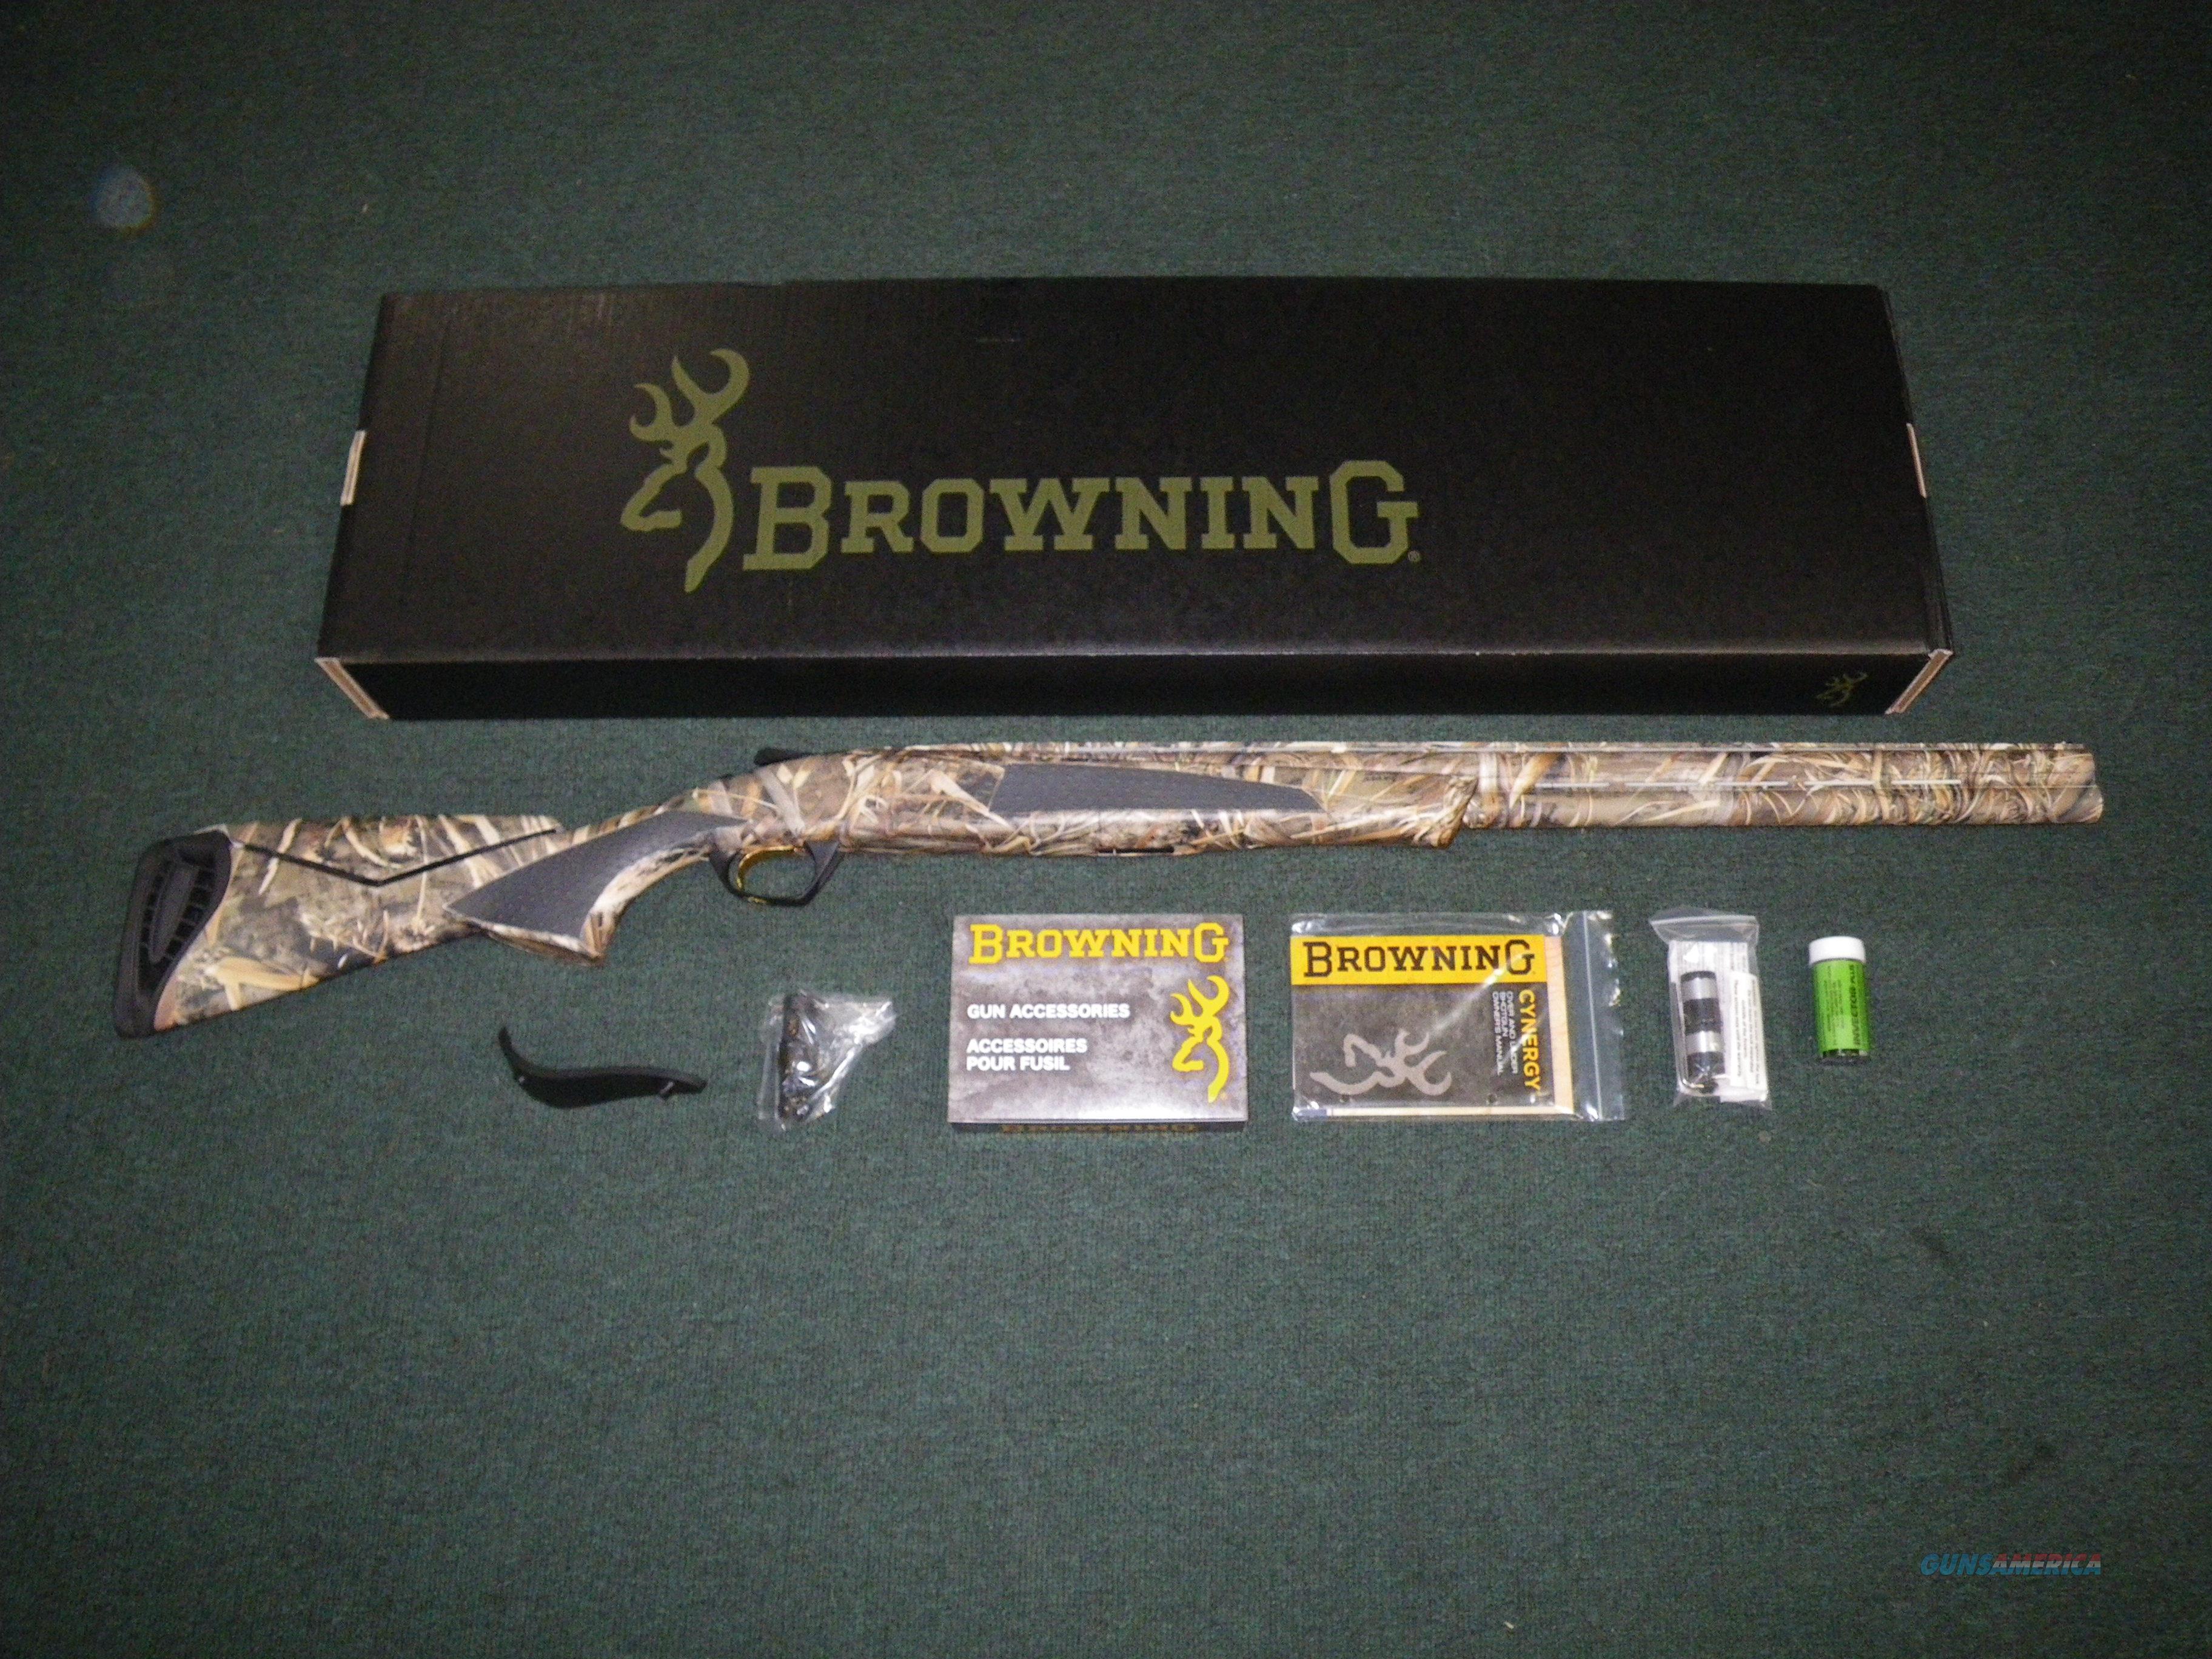 """Browning Cynergy Realtree Max-5 12ga 26"""" NEW 3.5"""" #013713205  Guns > Shotguns > Browning Shotguns > Over Unders > Cynergy > Hunting"""